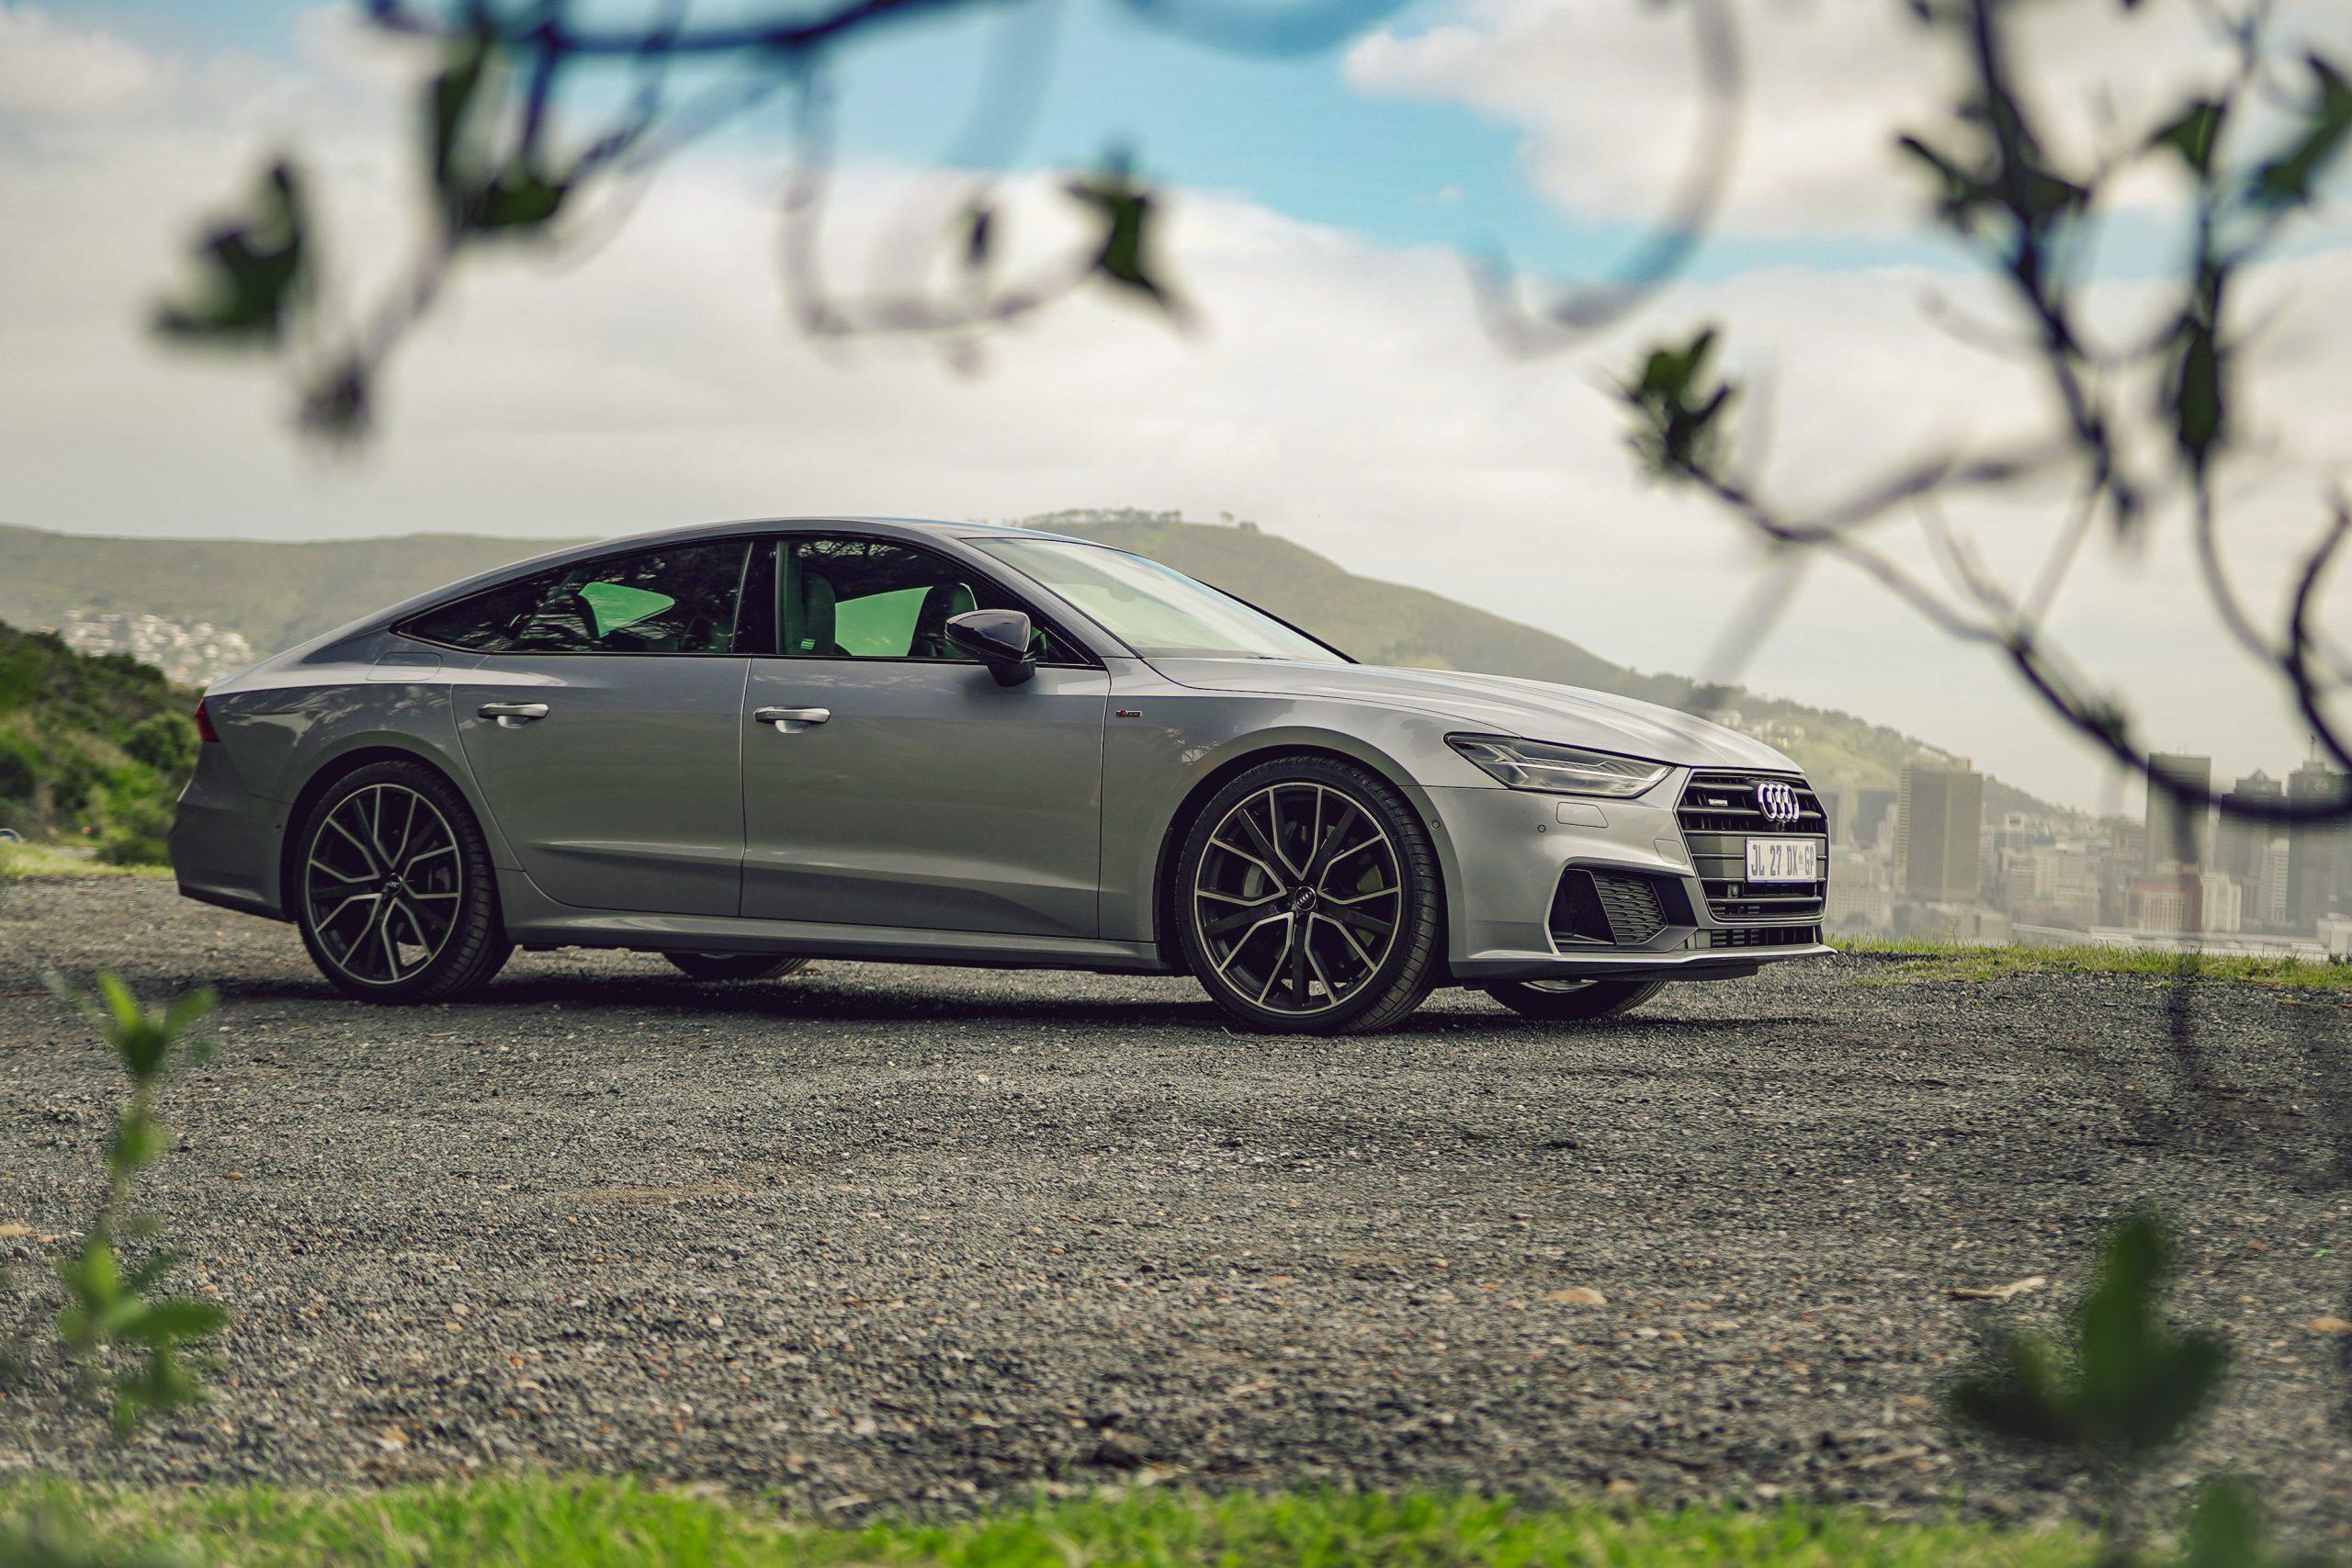 Audi A7 55 TFSI rear